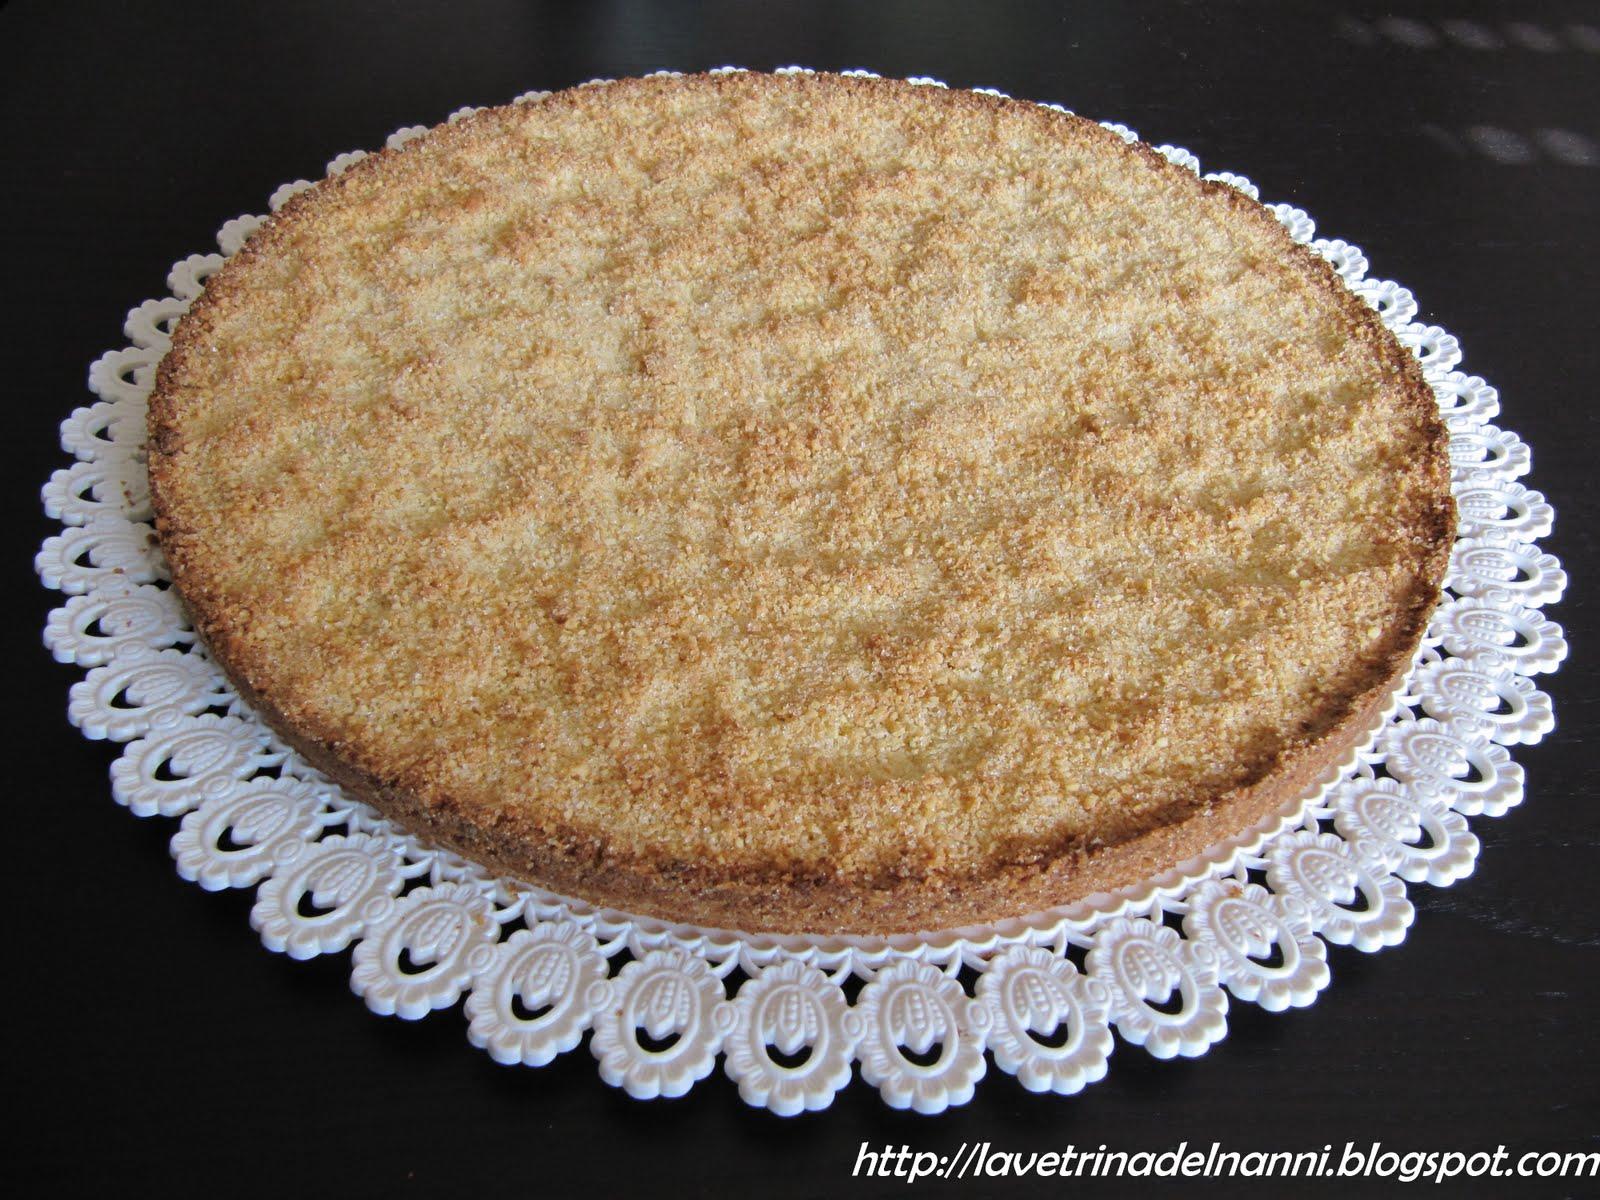 Ricetta Torta Ortigara.La Vetrina Del Nanni Due Tradizioni In Uno Swap Torta Fregolotta